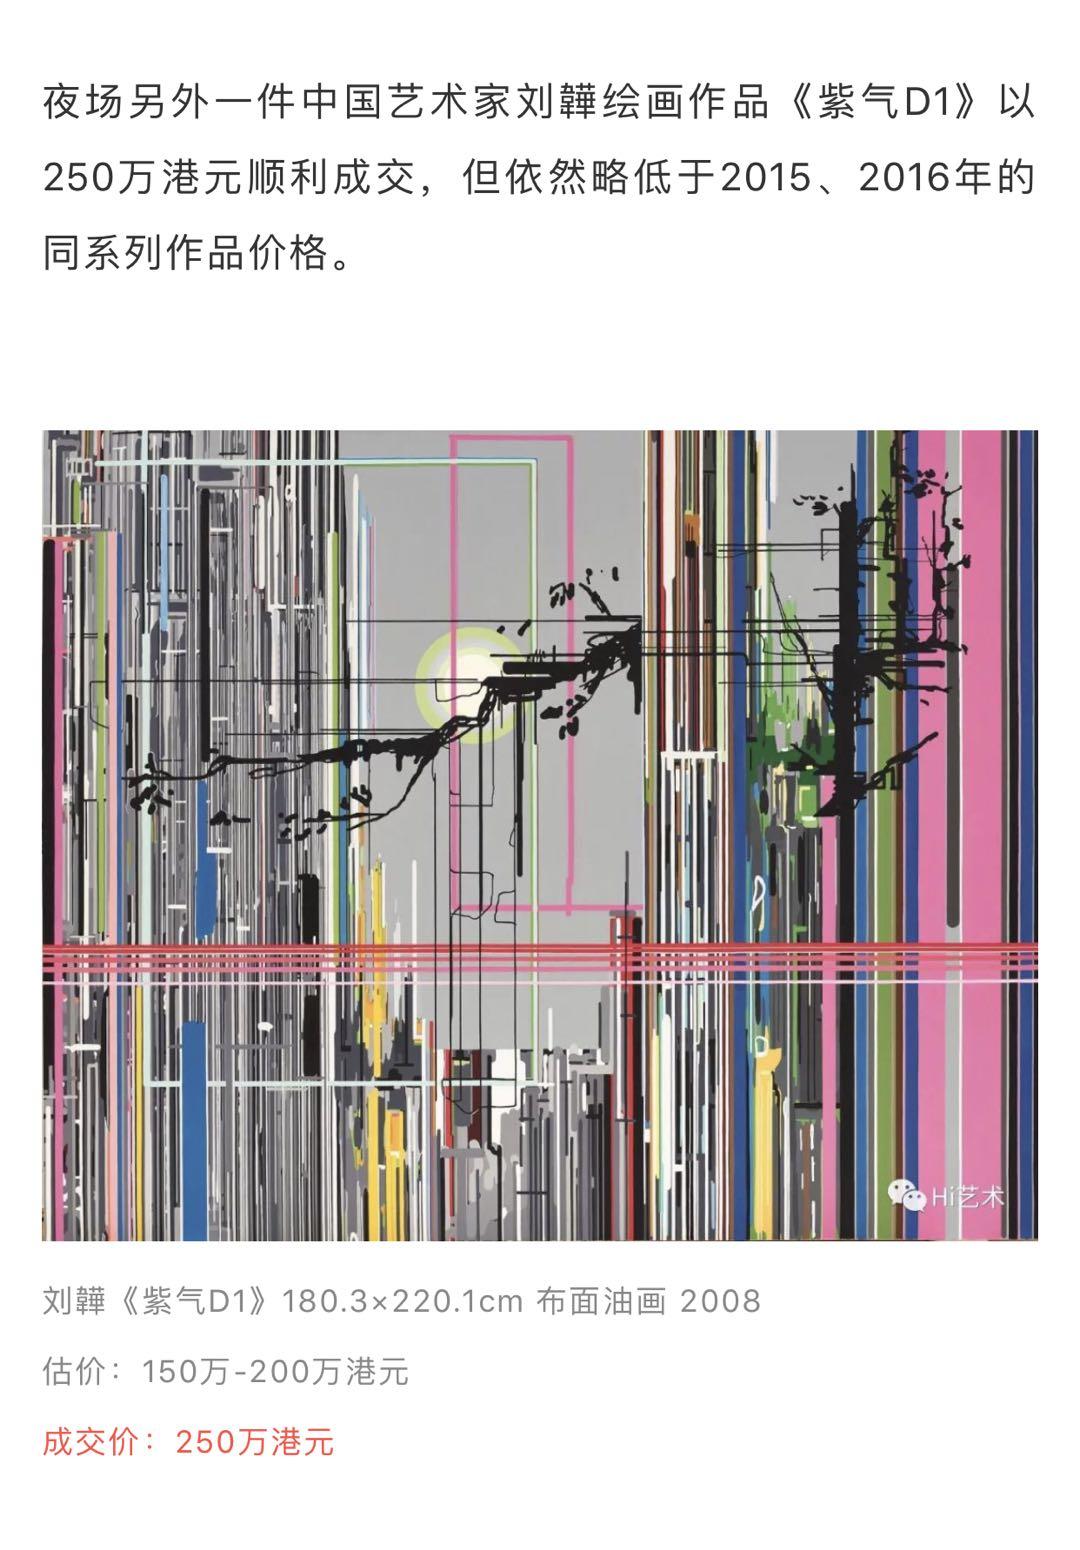 袁咏仪看展说自己心跳加速,网友:怕张智霖又花几百万买个南瓜!